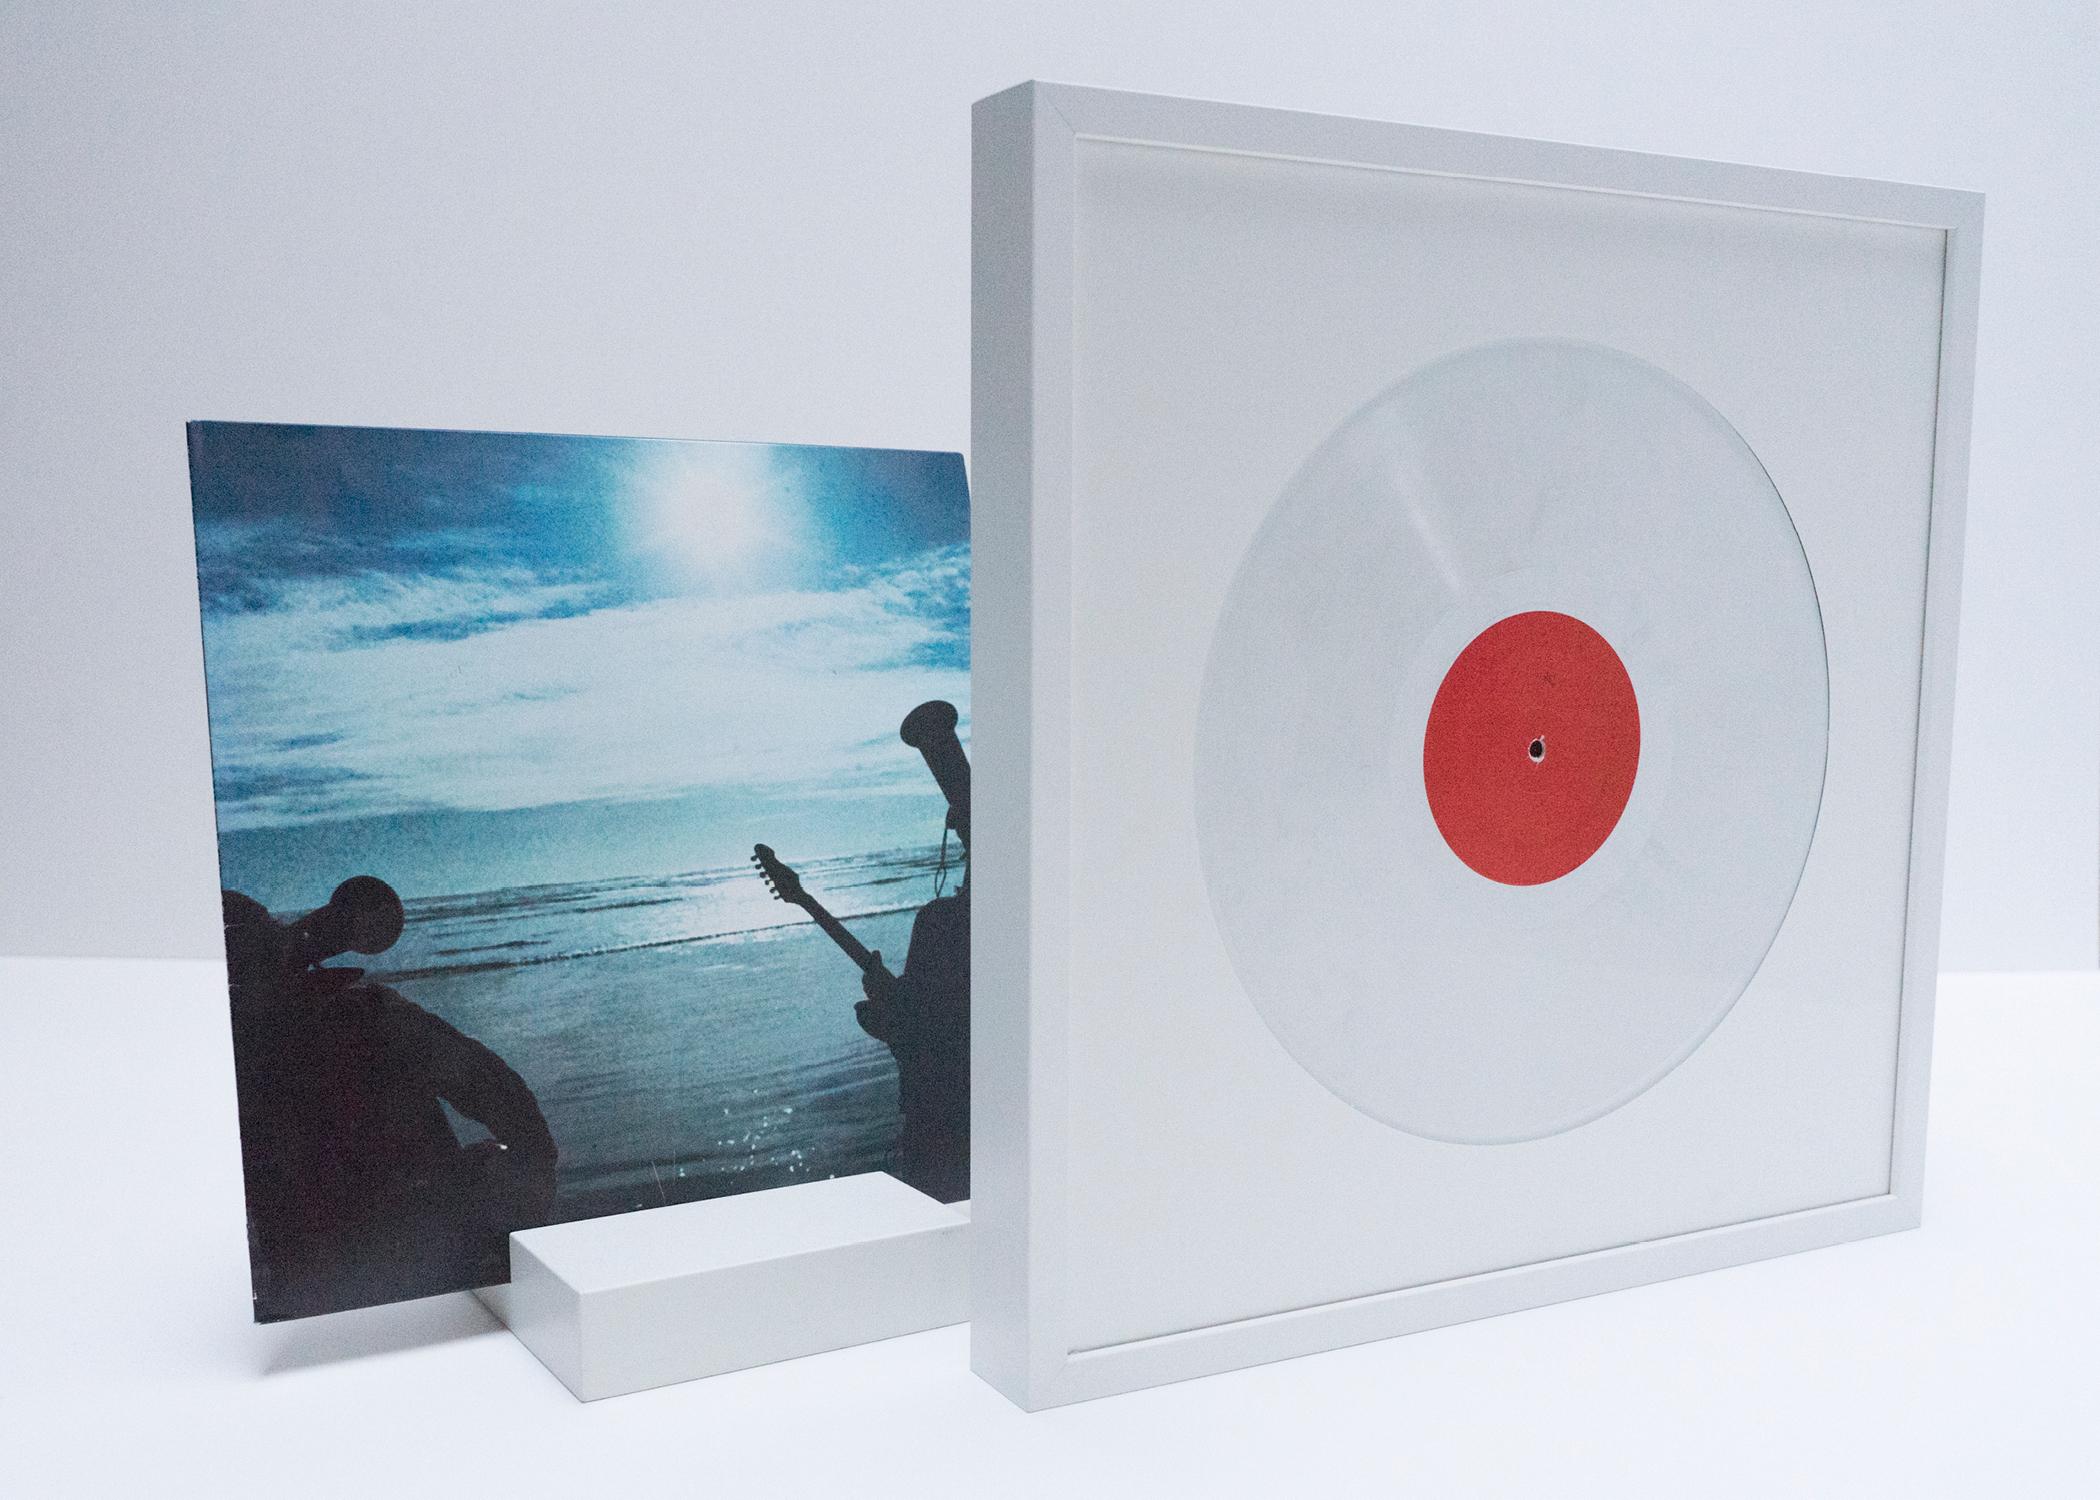 Framed Record